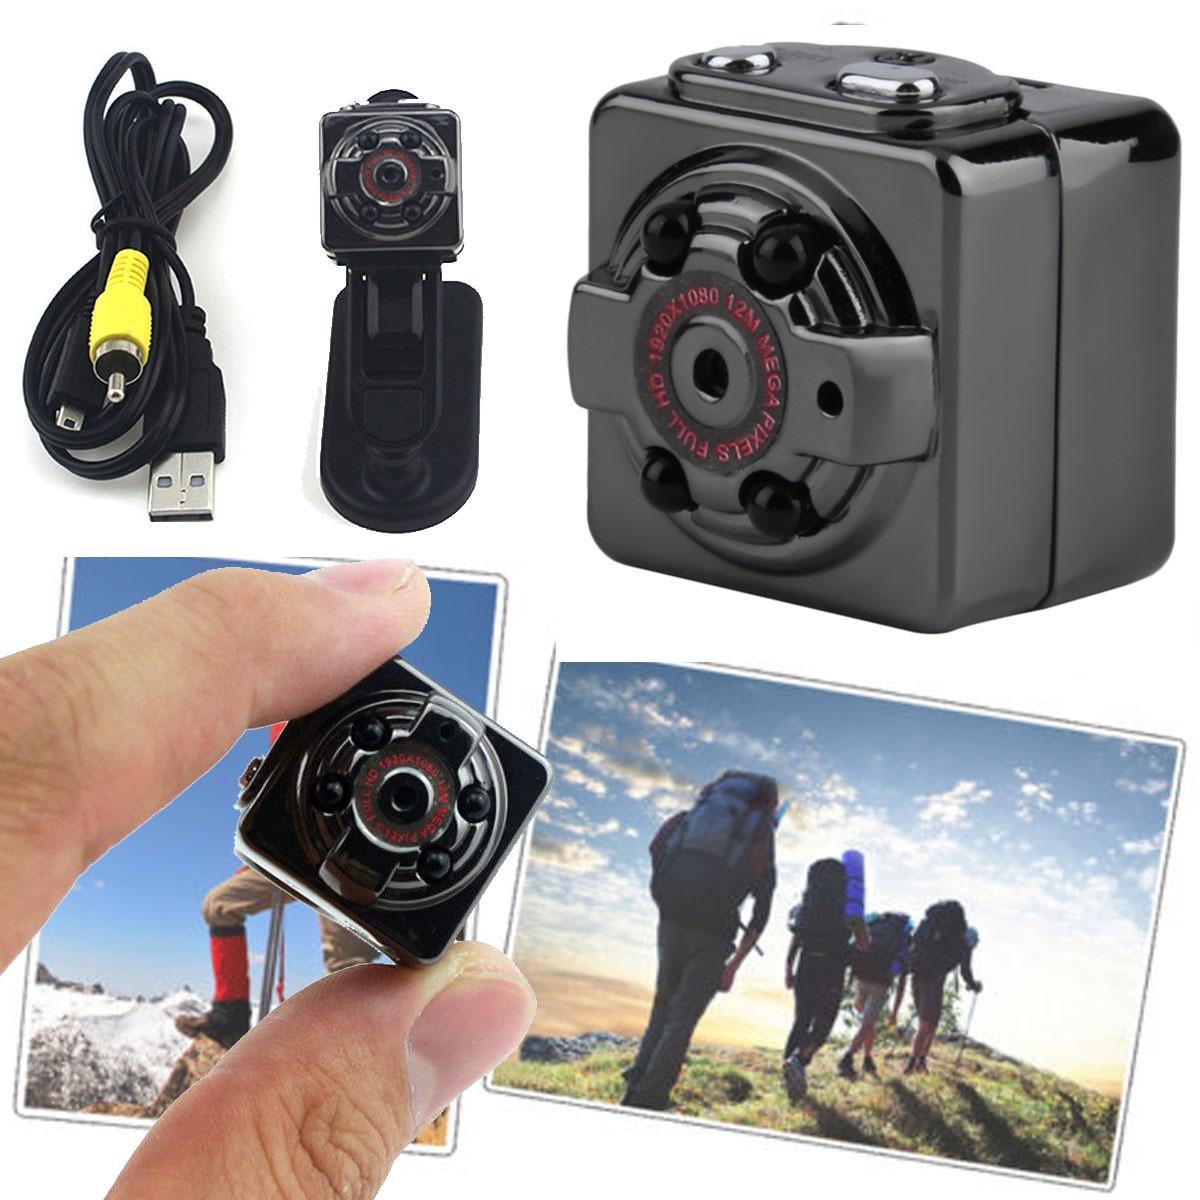 Apleok SQ11 SQ8 Mini Kamera Recorder HD 1080 p 720 p Mini DV Kamera Camcorder Infrarot Nachtsicht Video Recorder unterstützung TF Karte